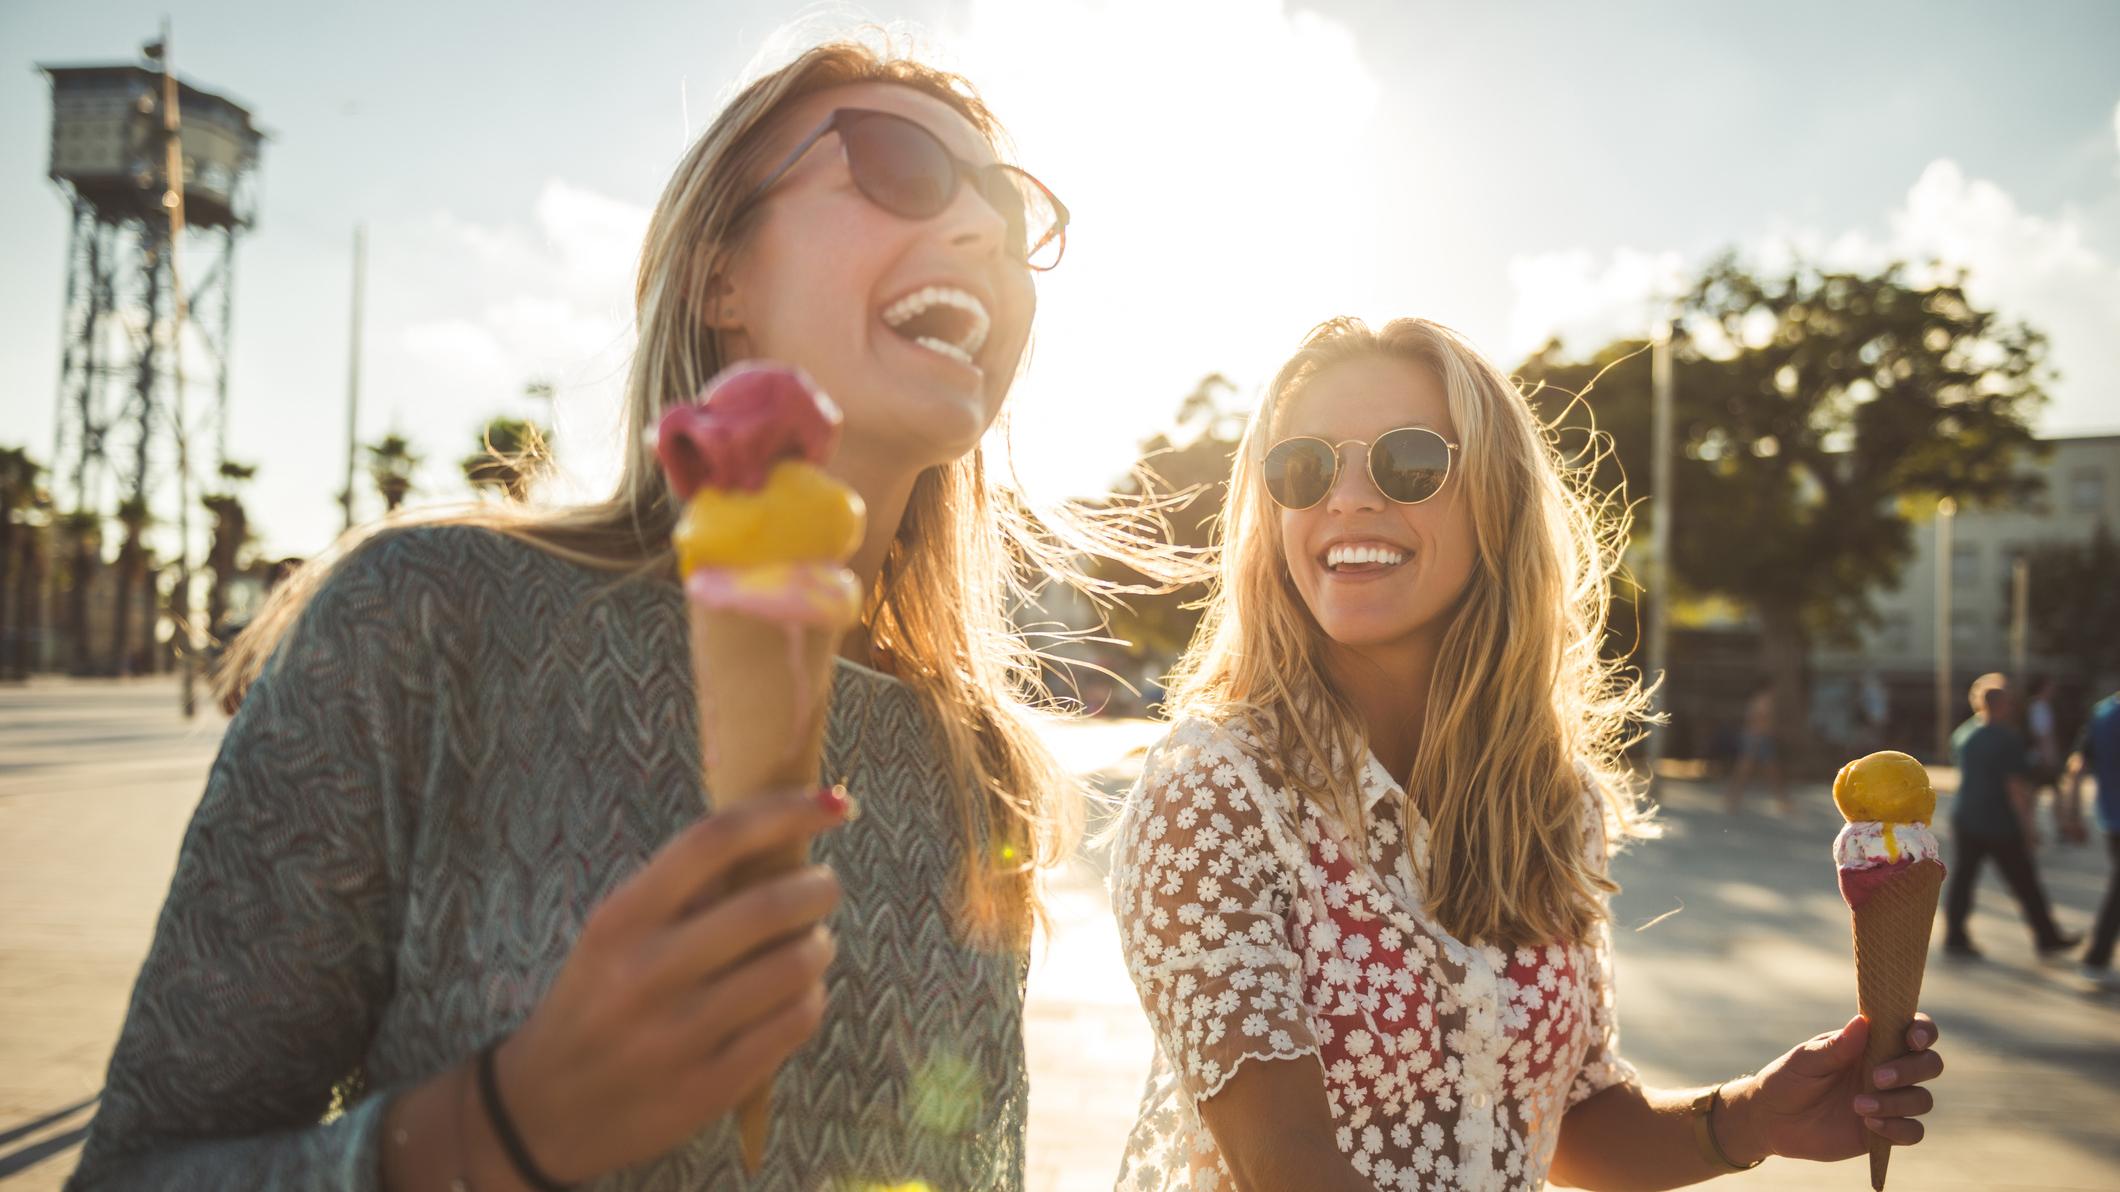 Twee vriendinnen geven wat ze willen